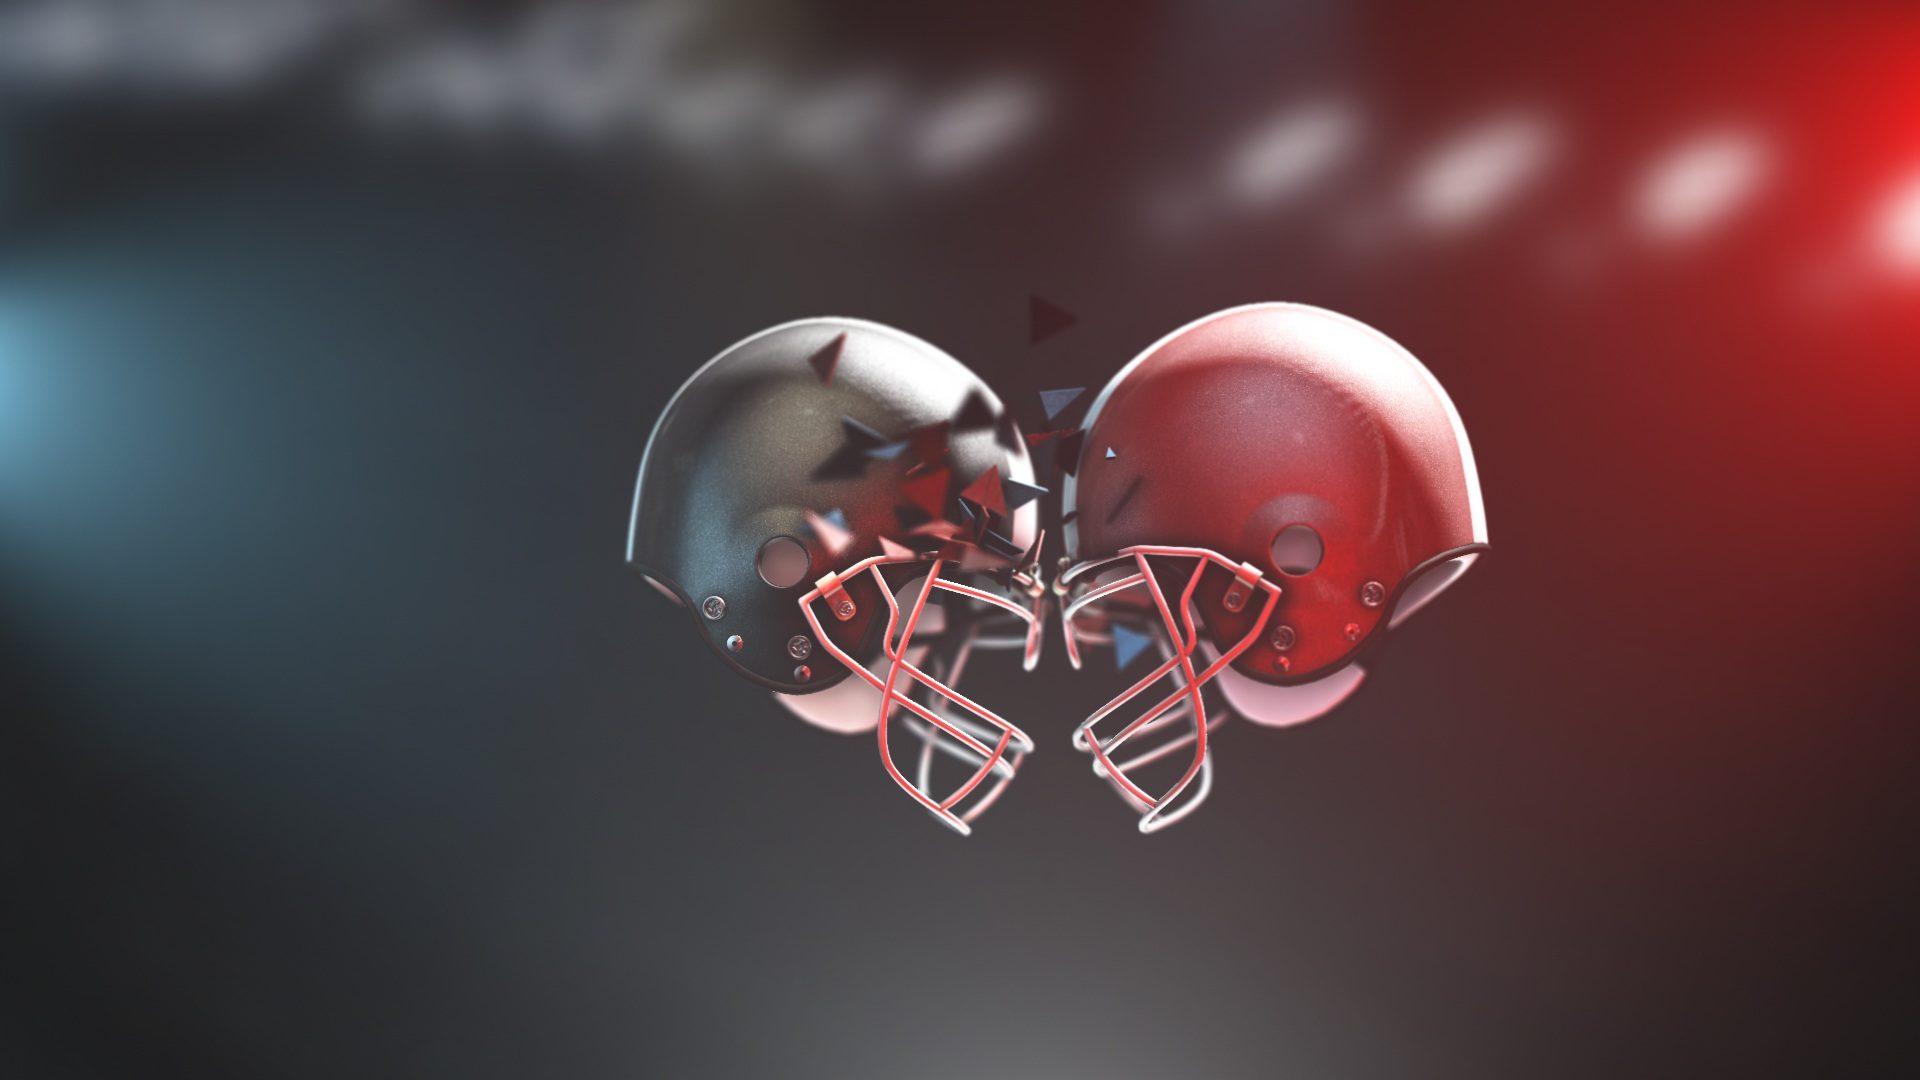 サッカー, アメリカ, ラグビー, ヘルメット, 競争 - HD の壁紙 - 教授-falken.com